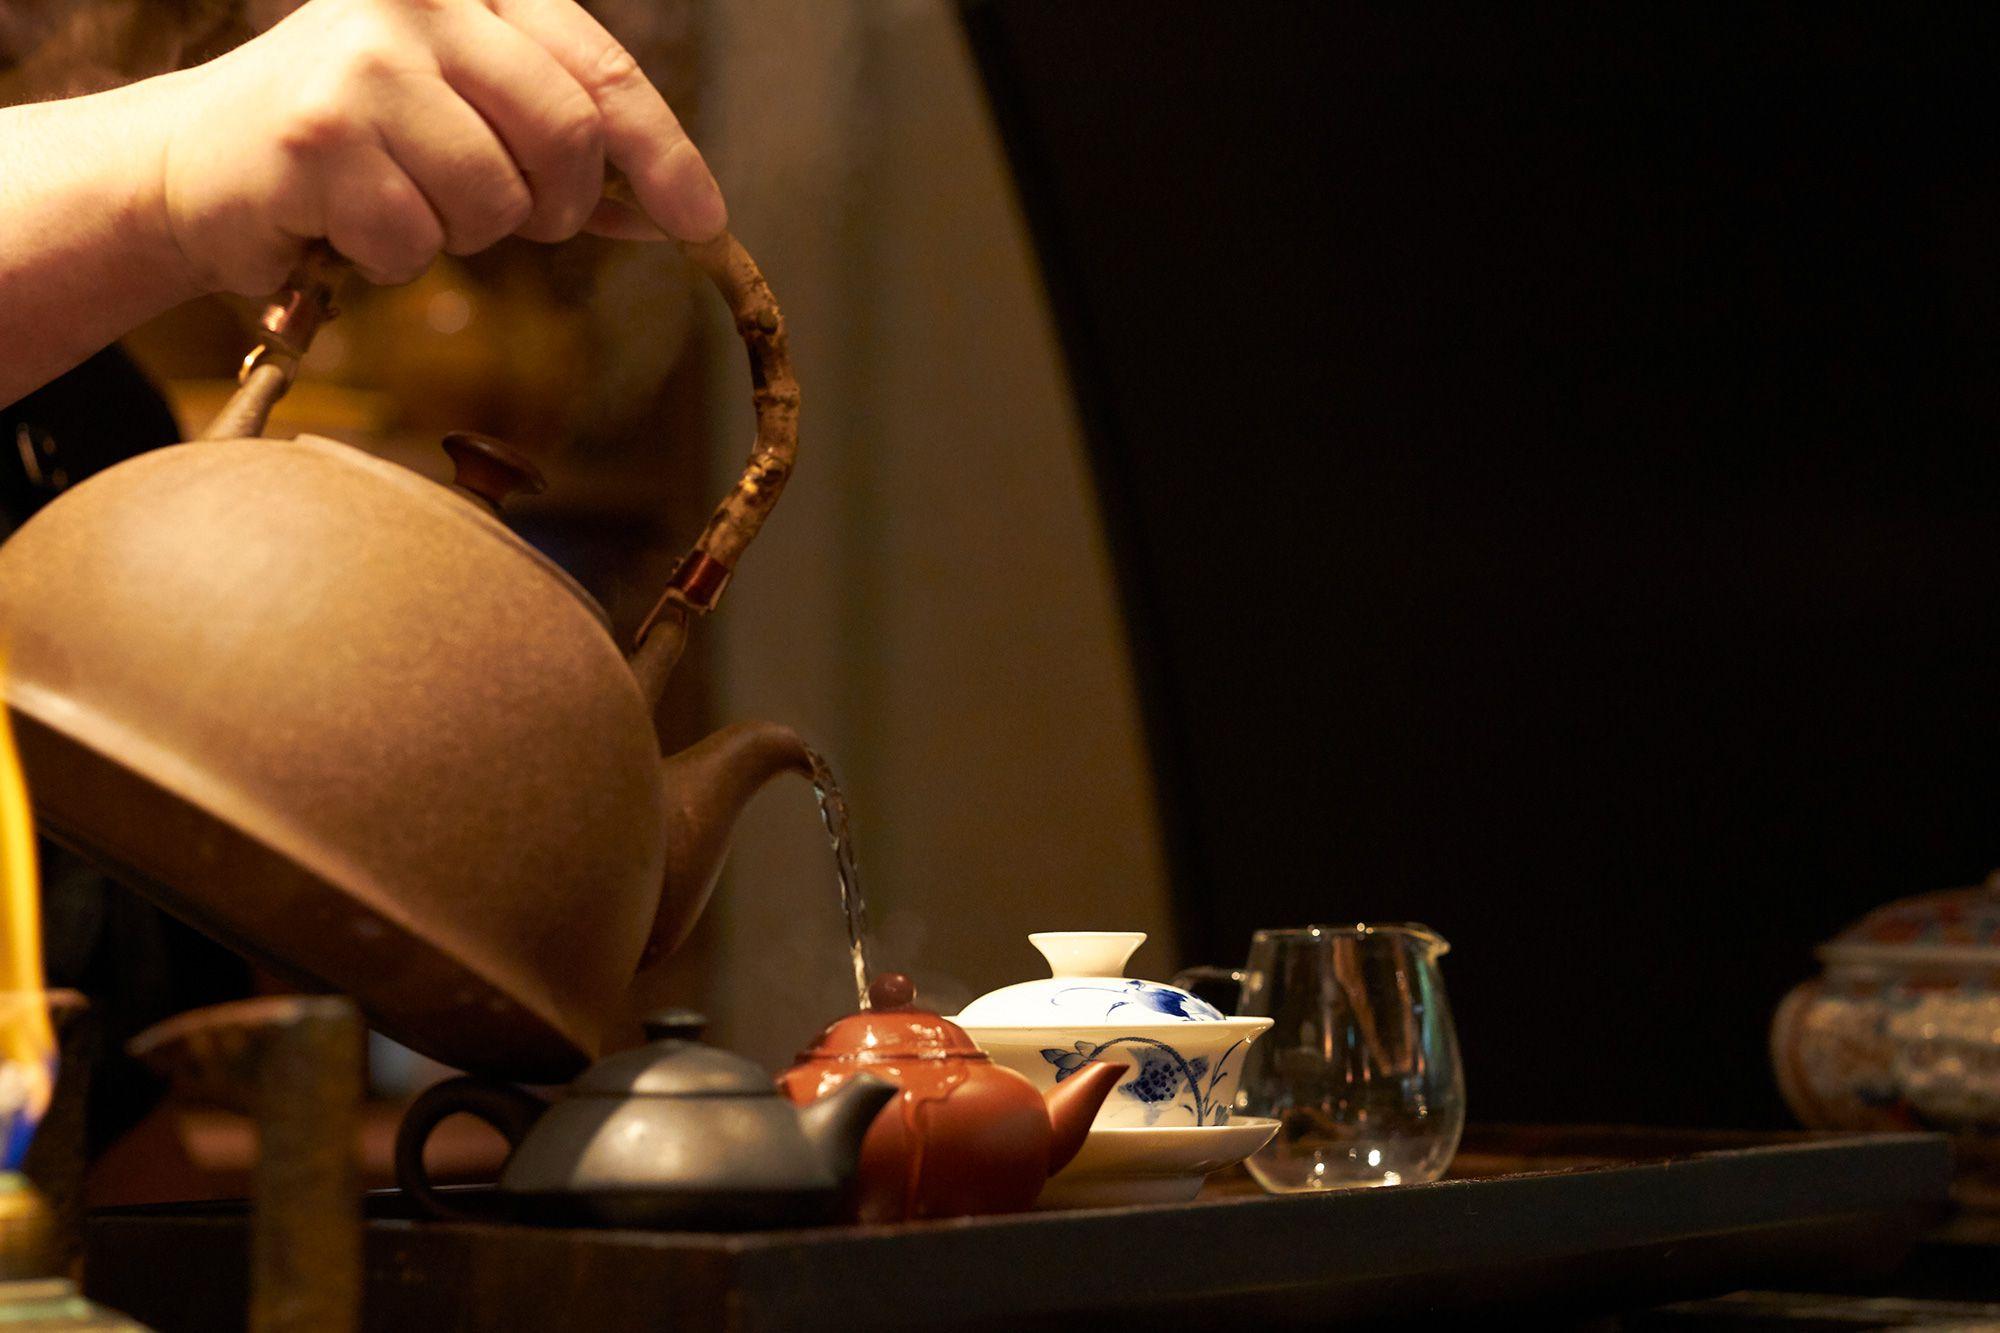 お茶をいれる川田の「一番だしをひくつもりで」という言葉が印象的だ。